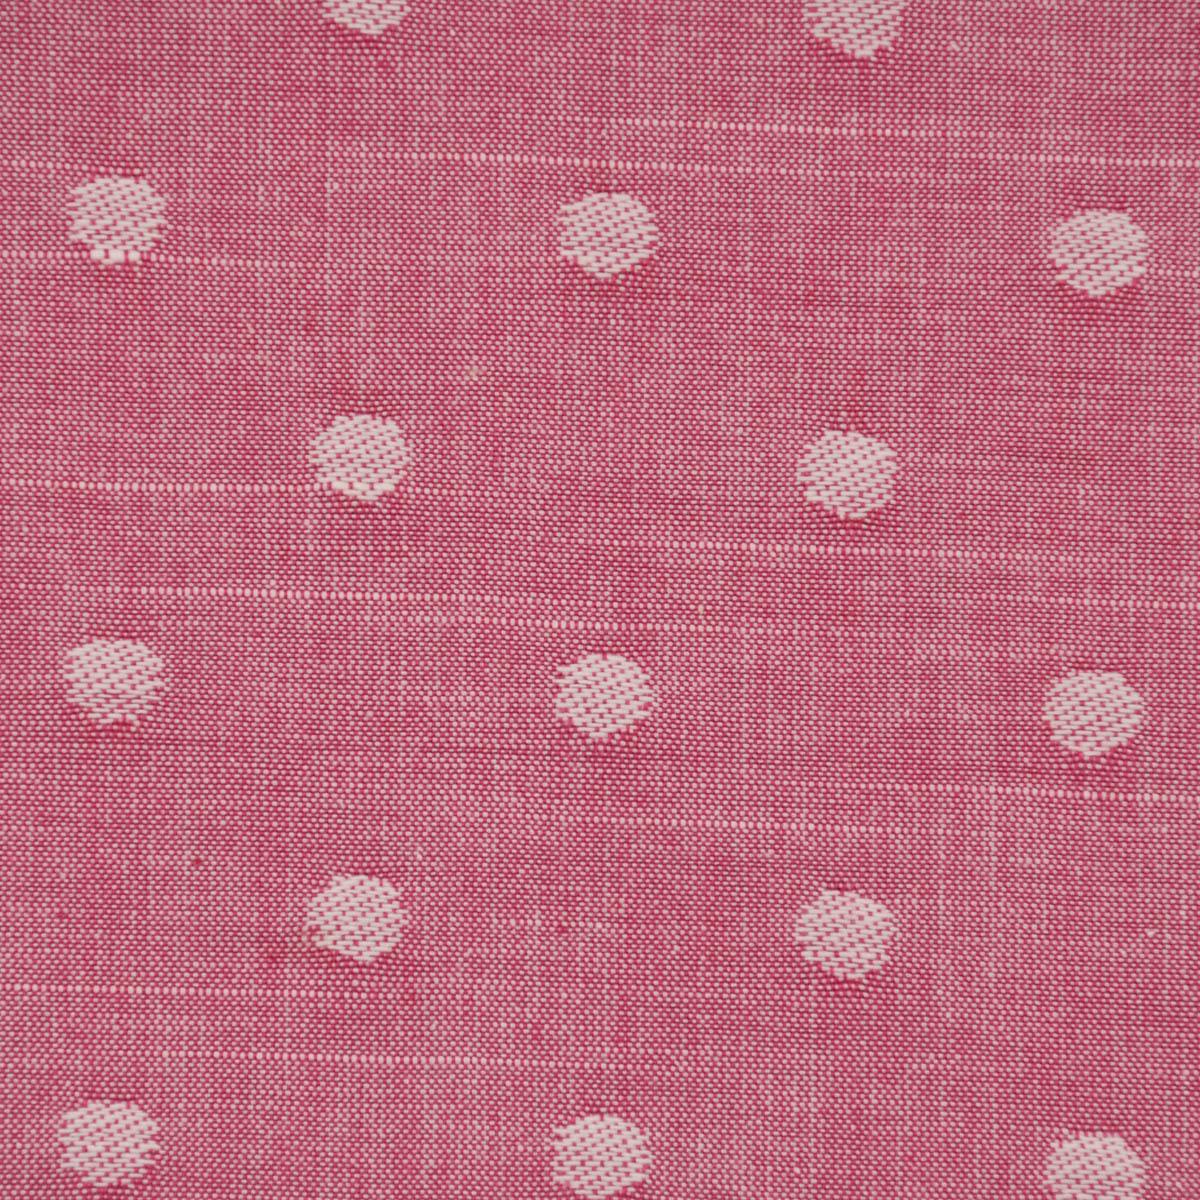 Rasch Textil Dekostoff Baumwollstoff Leinenoptik Bambino Fun Punkte pink 1,40m Breite